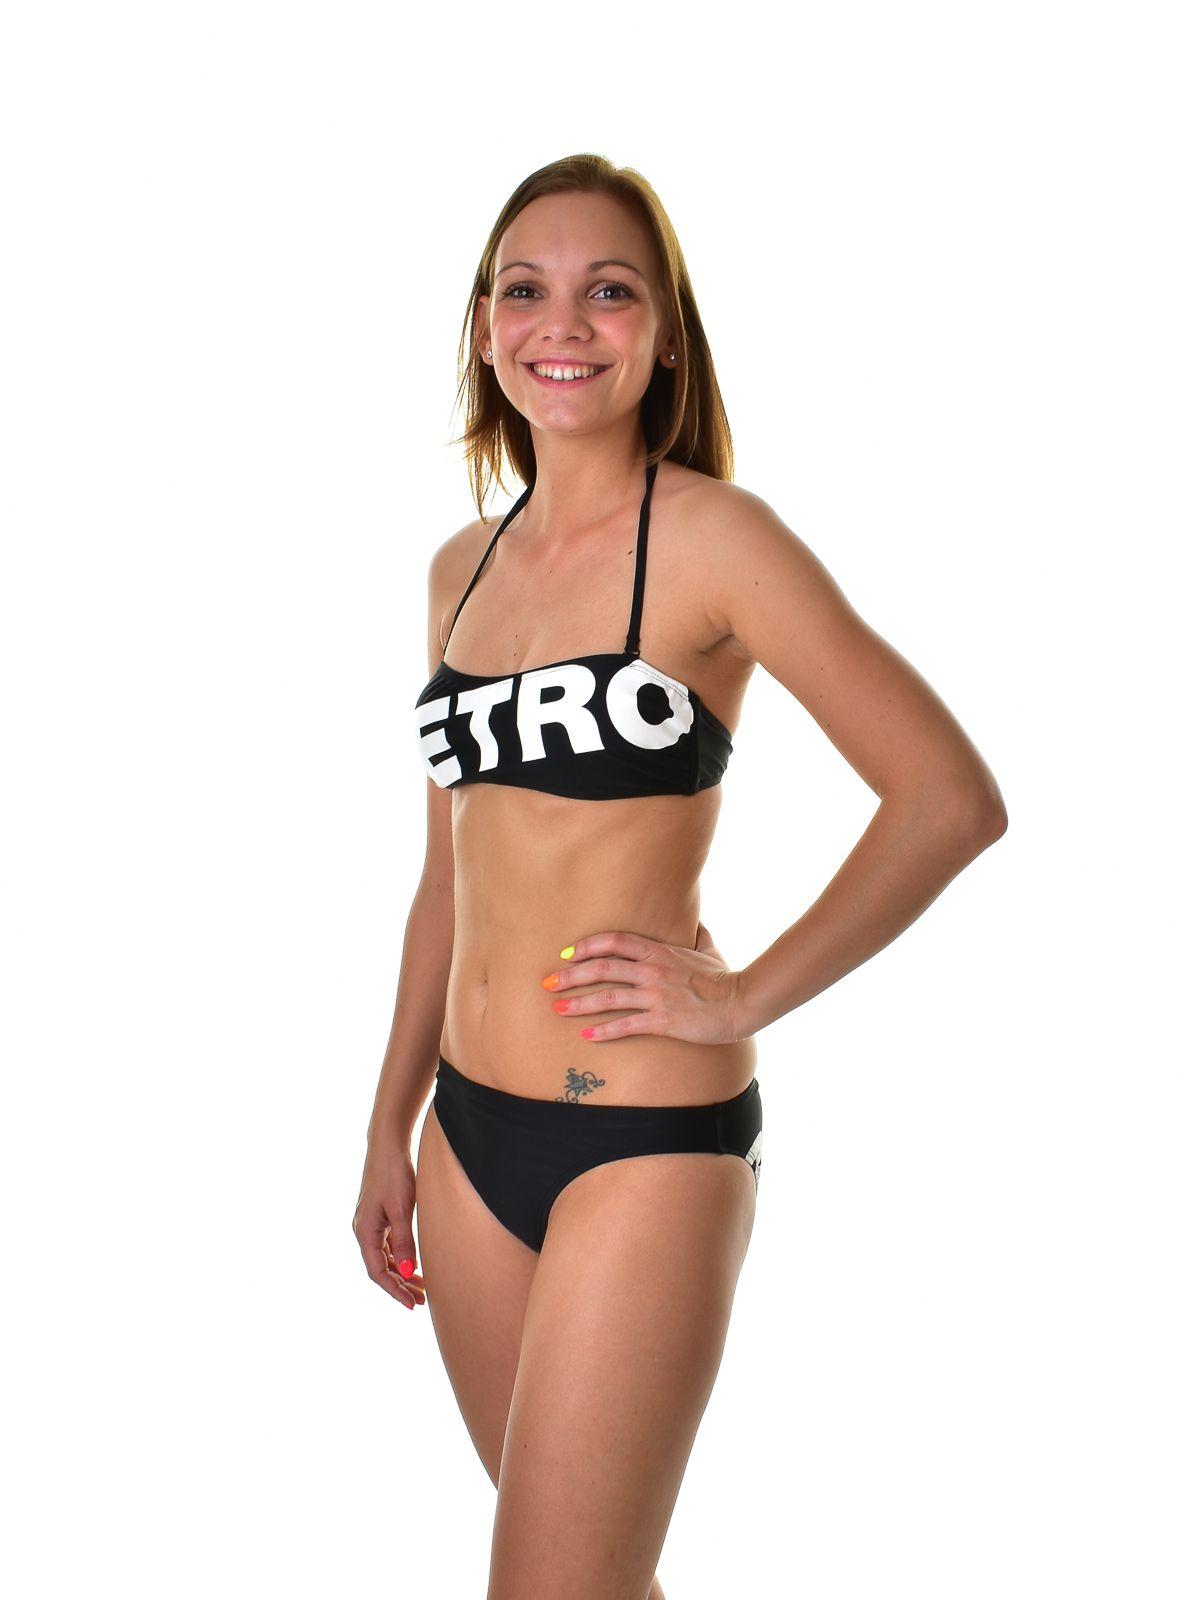 ... Retro Jeans női bikini NANCY BIKINI TOP BEACHWEAR 226d5a9240